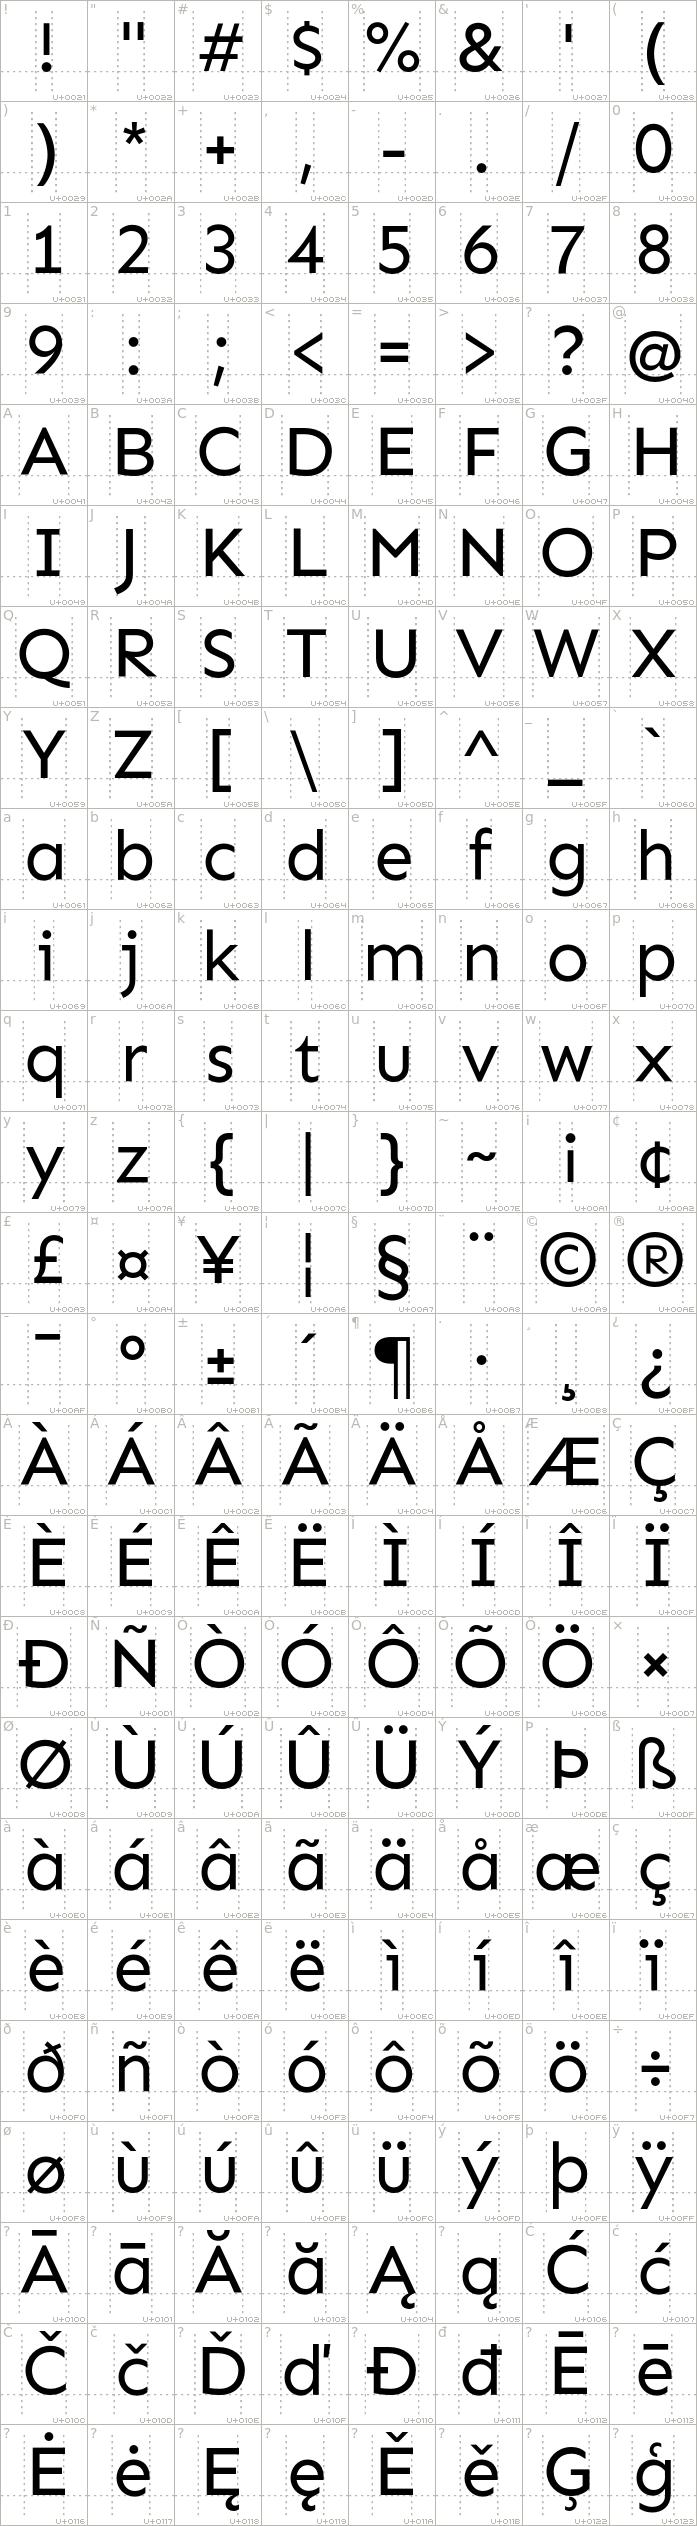 sen.regular.character-map-1